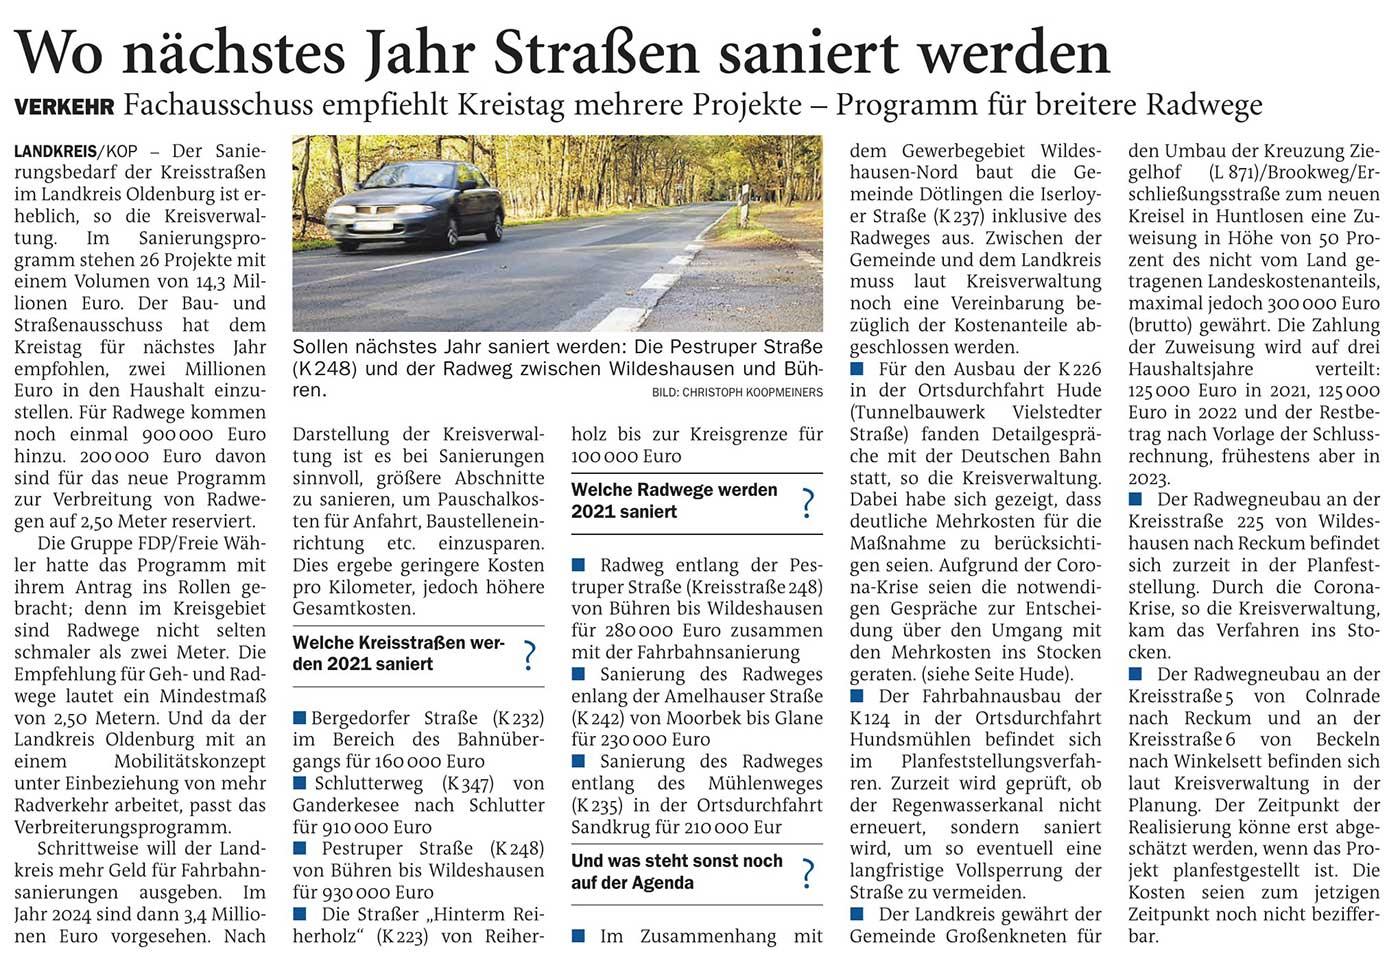 Wo nächstes Jahr Straßen saniert werdenLandkreis // Verkehr: Fachausschuss empfiehlt Kreistag mehrere Projekte - Programm für breitere RadwegeArtikel vom 17.11.2020 (NWZ)